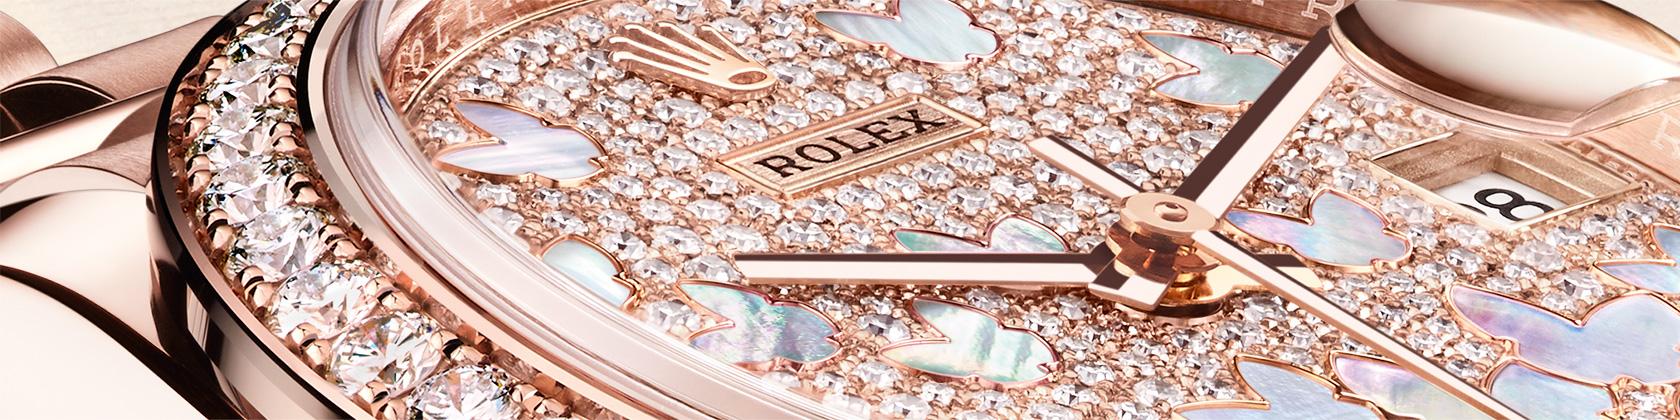 Rolex Festive Selection